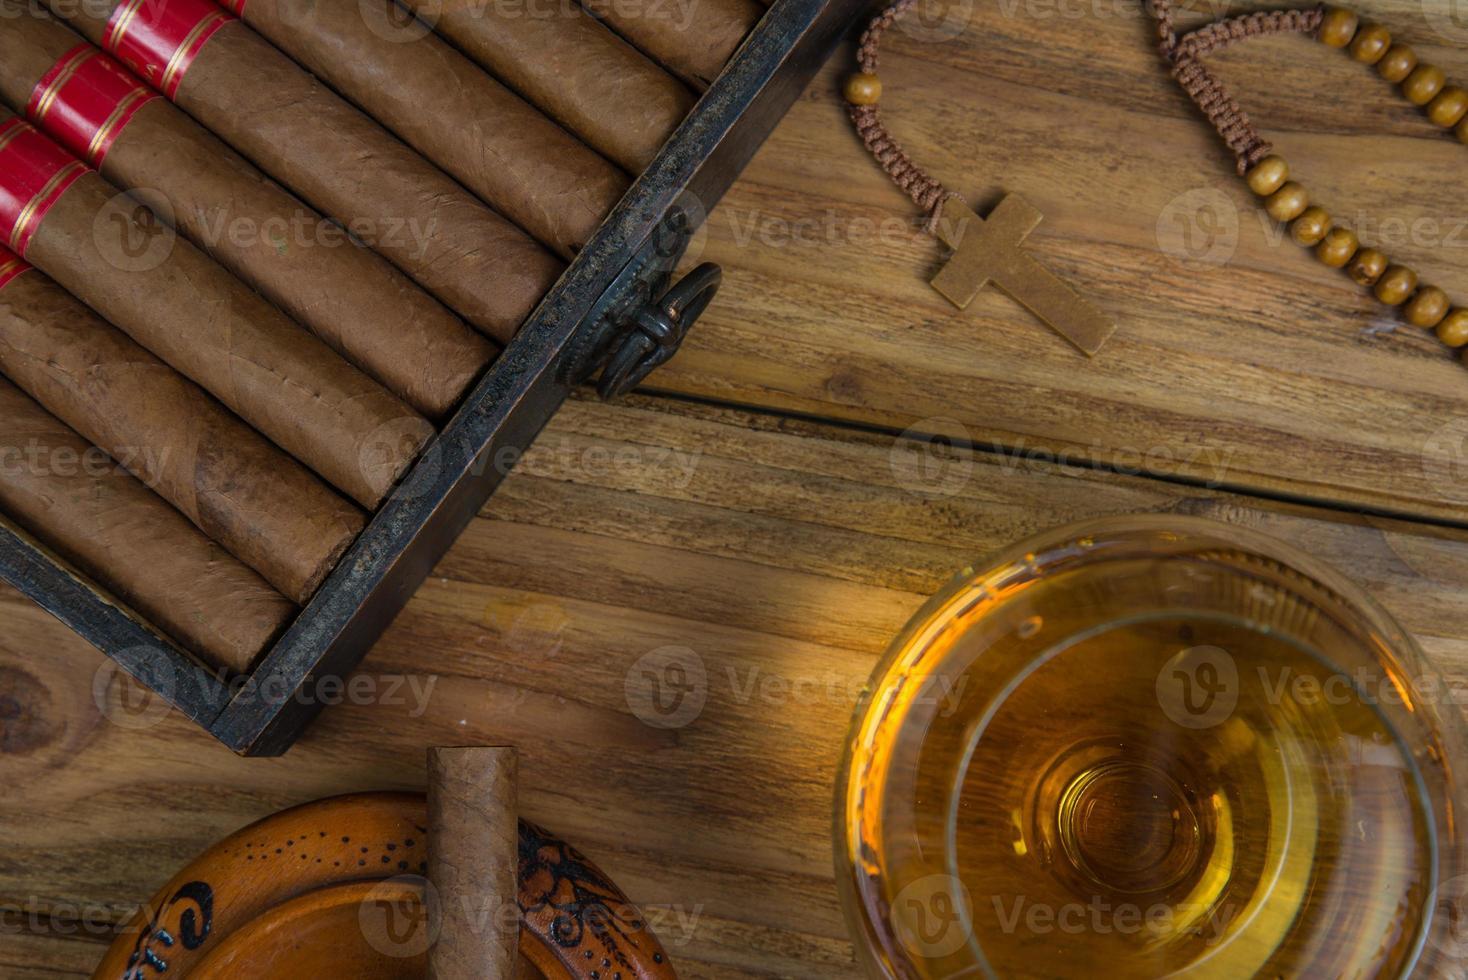 Zigarren und Rum oder Alkohol auf dem Tisch foto